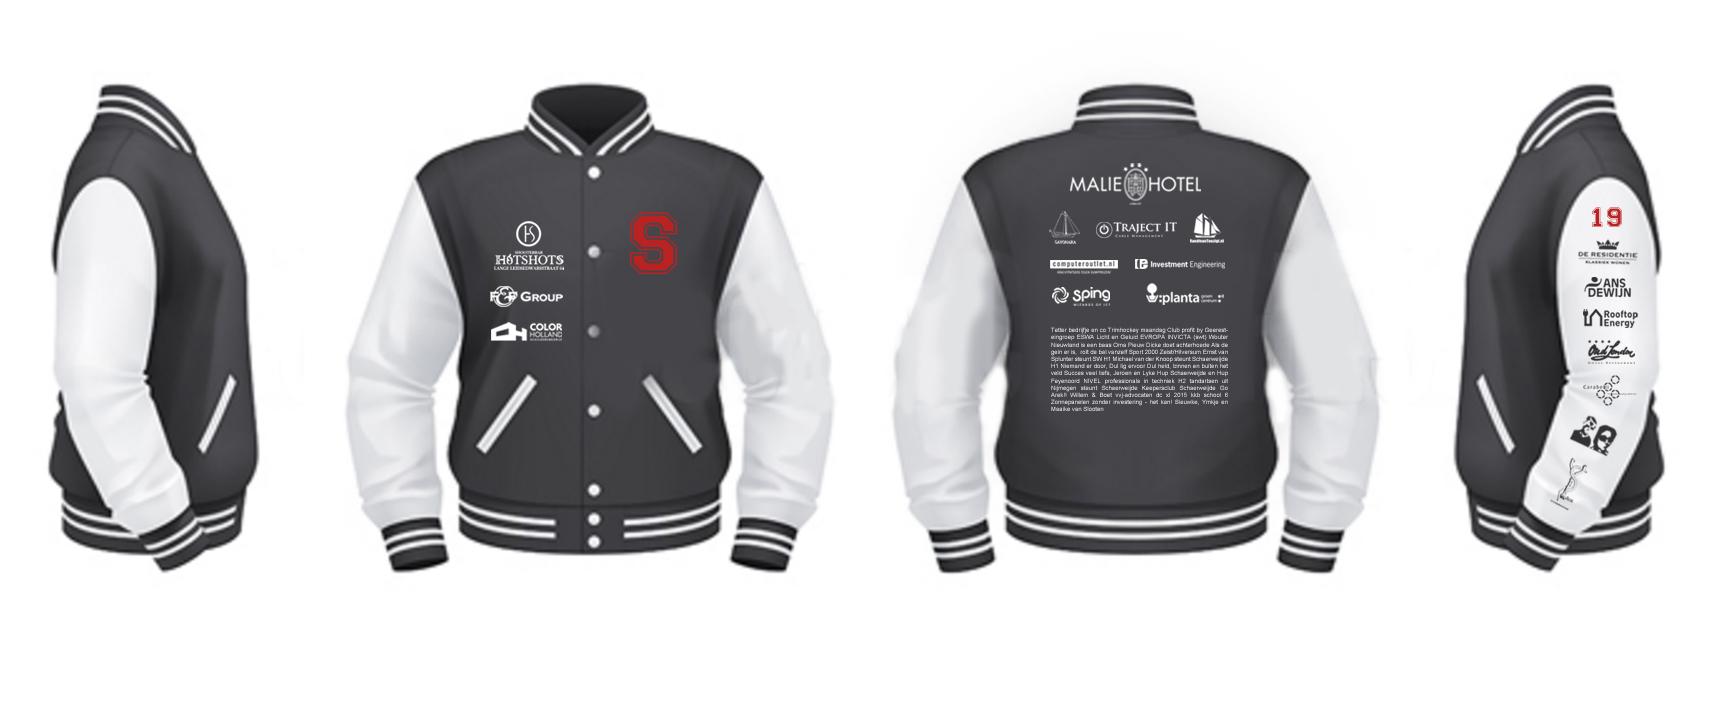 Jacket2.0